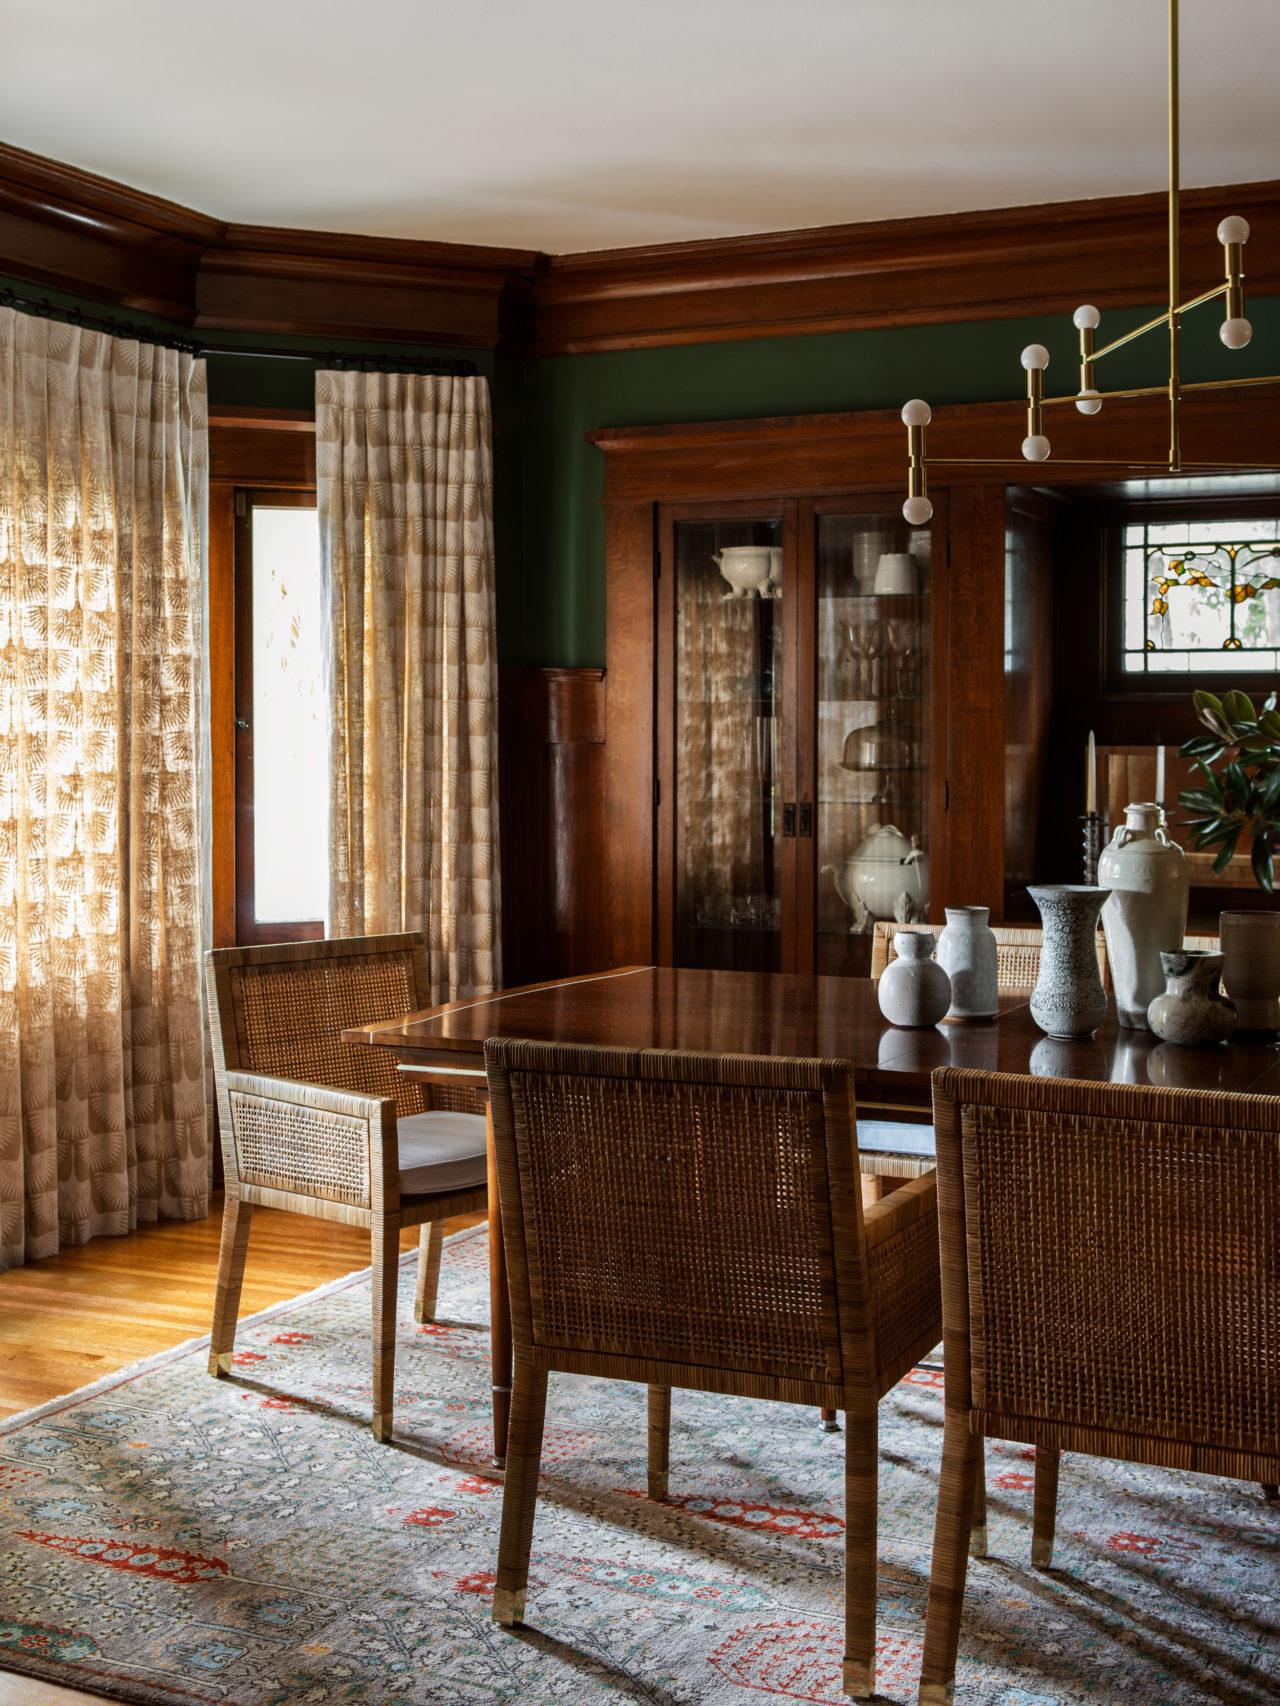 salle à manger sombre et sombre avec chaises tissées en bois sombre et murs verts | visite de maison d'artisan historique moderne jacey duprie